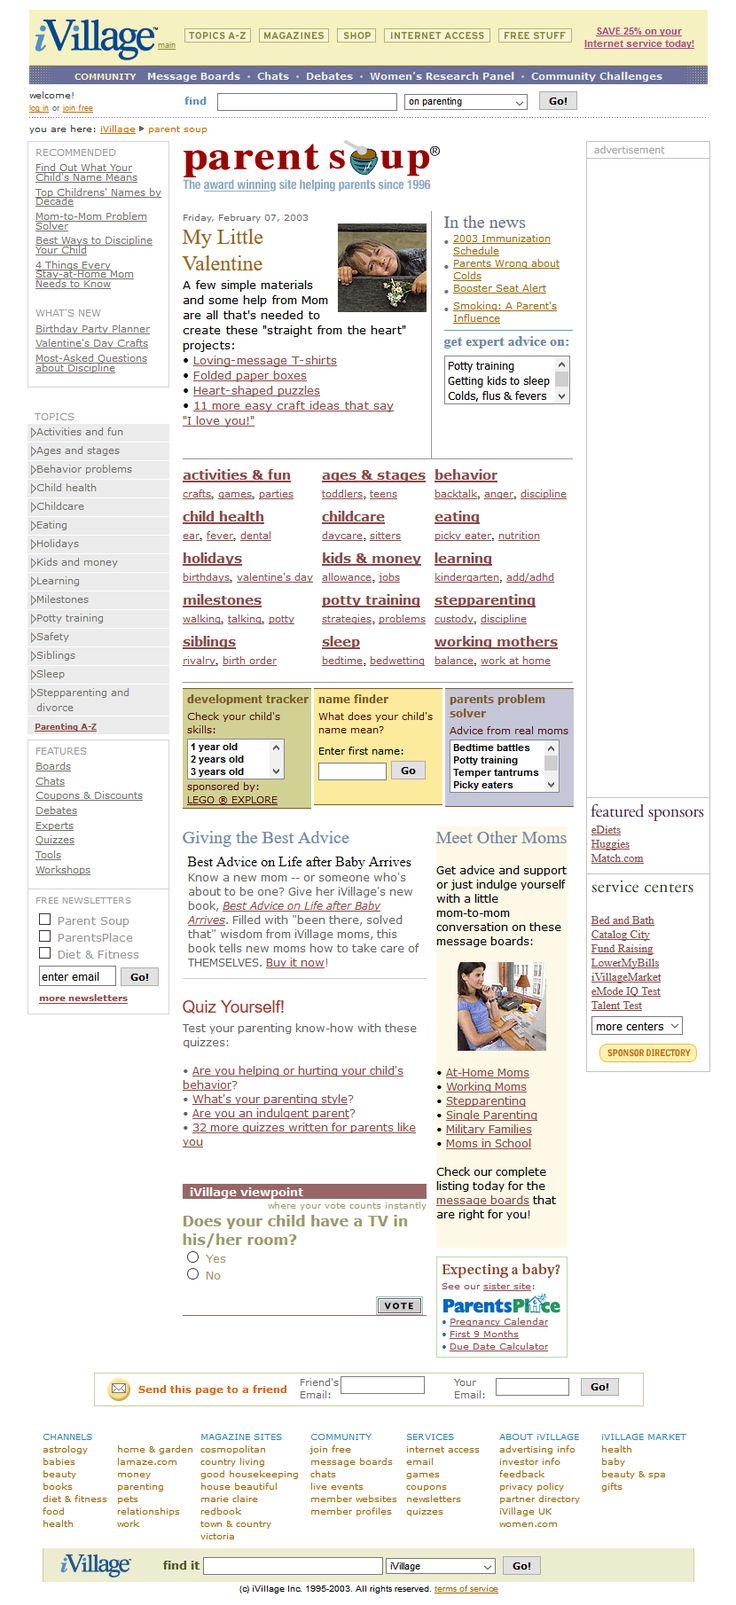 iVillage website in 2003